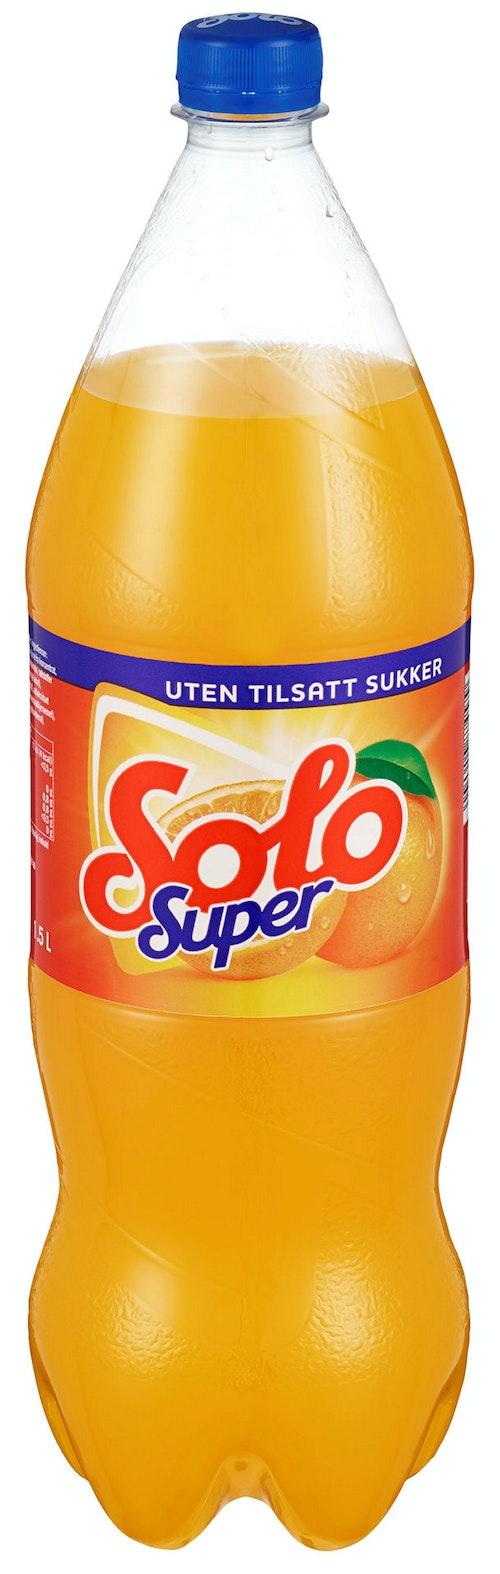 Ringnes Solo Super 1,5 l